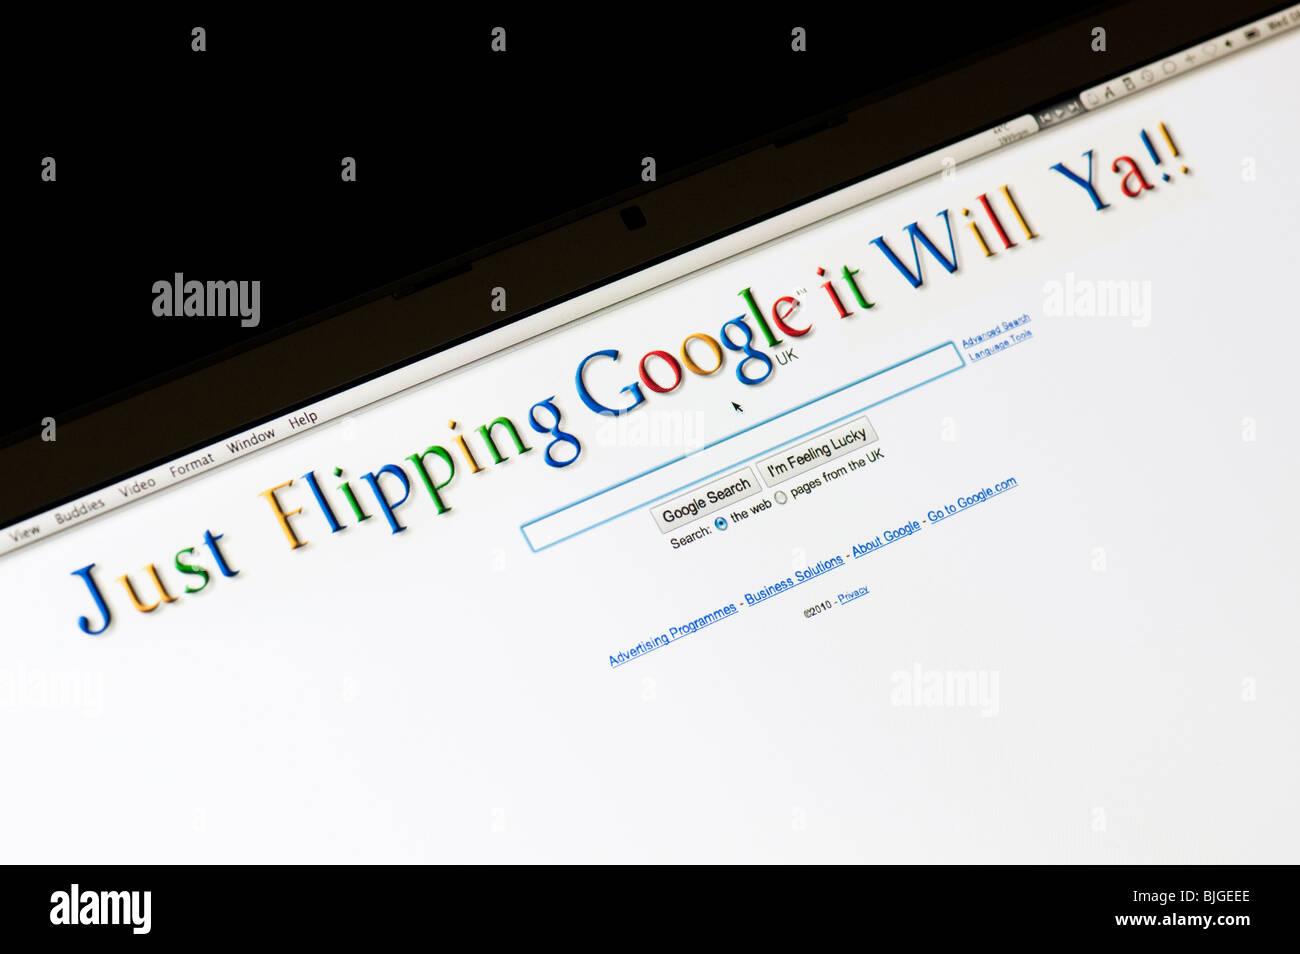 Seulement il ya google l'inversion. Page d'accueil modifié numériquement Google Photo Stock